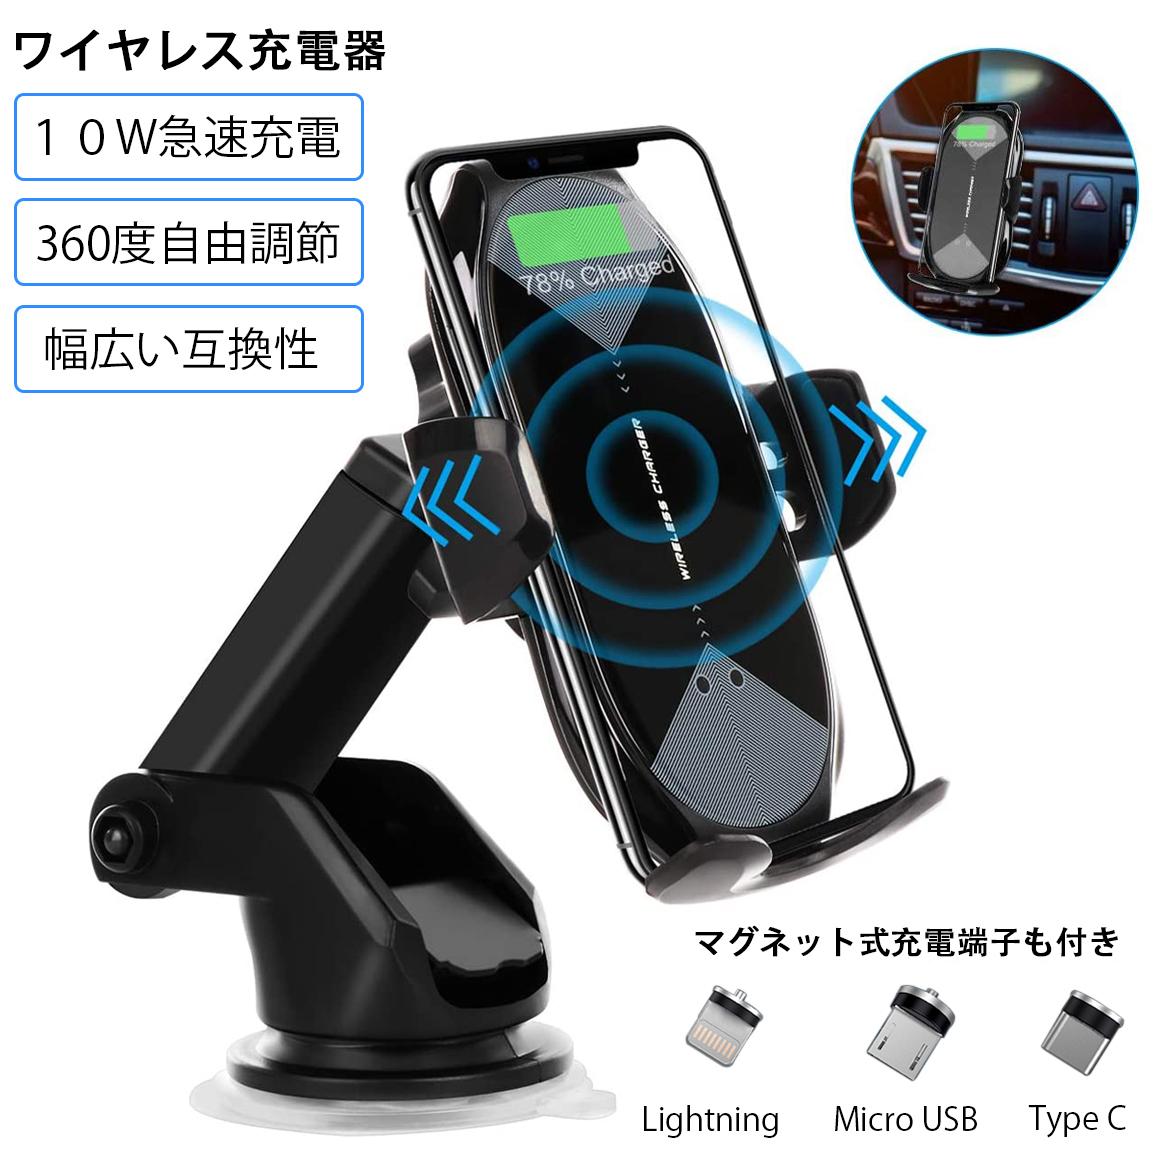 車載ホルダー 自動開閉 ワイヤレス充電 吸盤式+クリップ 超強力吸盤 伸縮アーム 携帯スタンド 全機種対応 固定力MAX 取付簡単 Qi対応 iPhone android typy-c スマートフォン スマホホルダー 吹き出し口2種類取り付 車 車載 スマホ 選択 ワイヤレス充電器 充電器 急速充電 7.5W 車載Qi 4年保証 車載スマホホルダー 粘着式 360度回転 Qi スマホスタンド 10W ホルダー